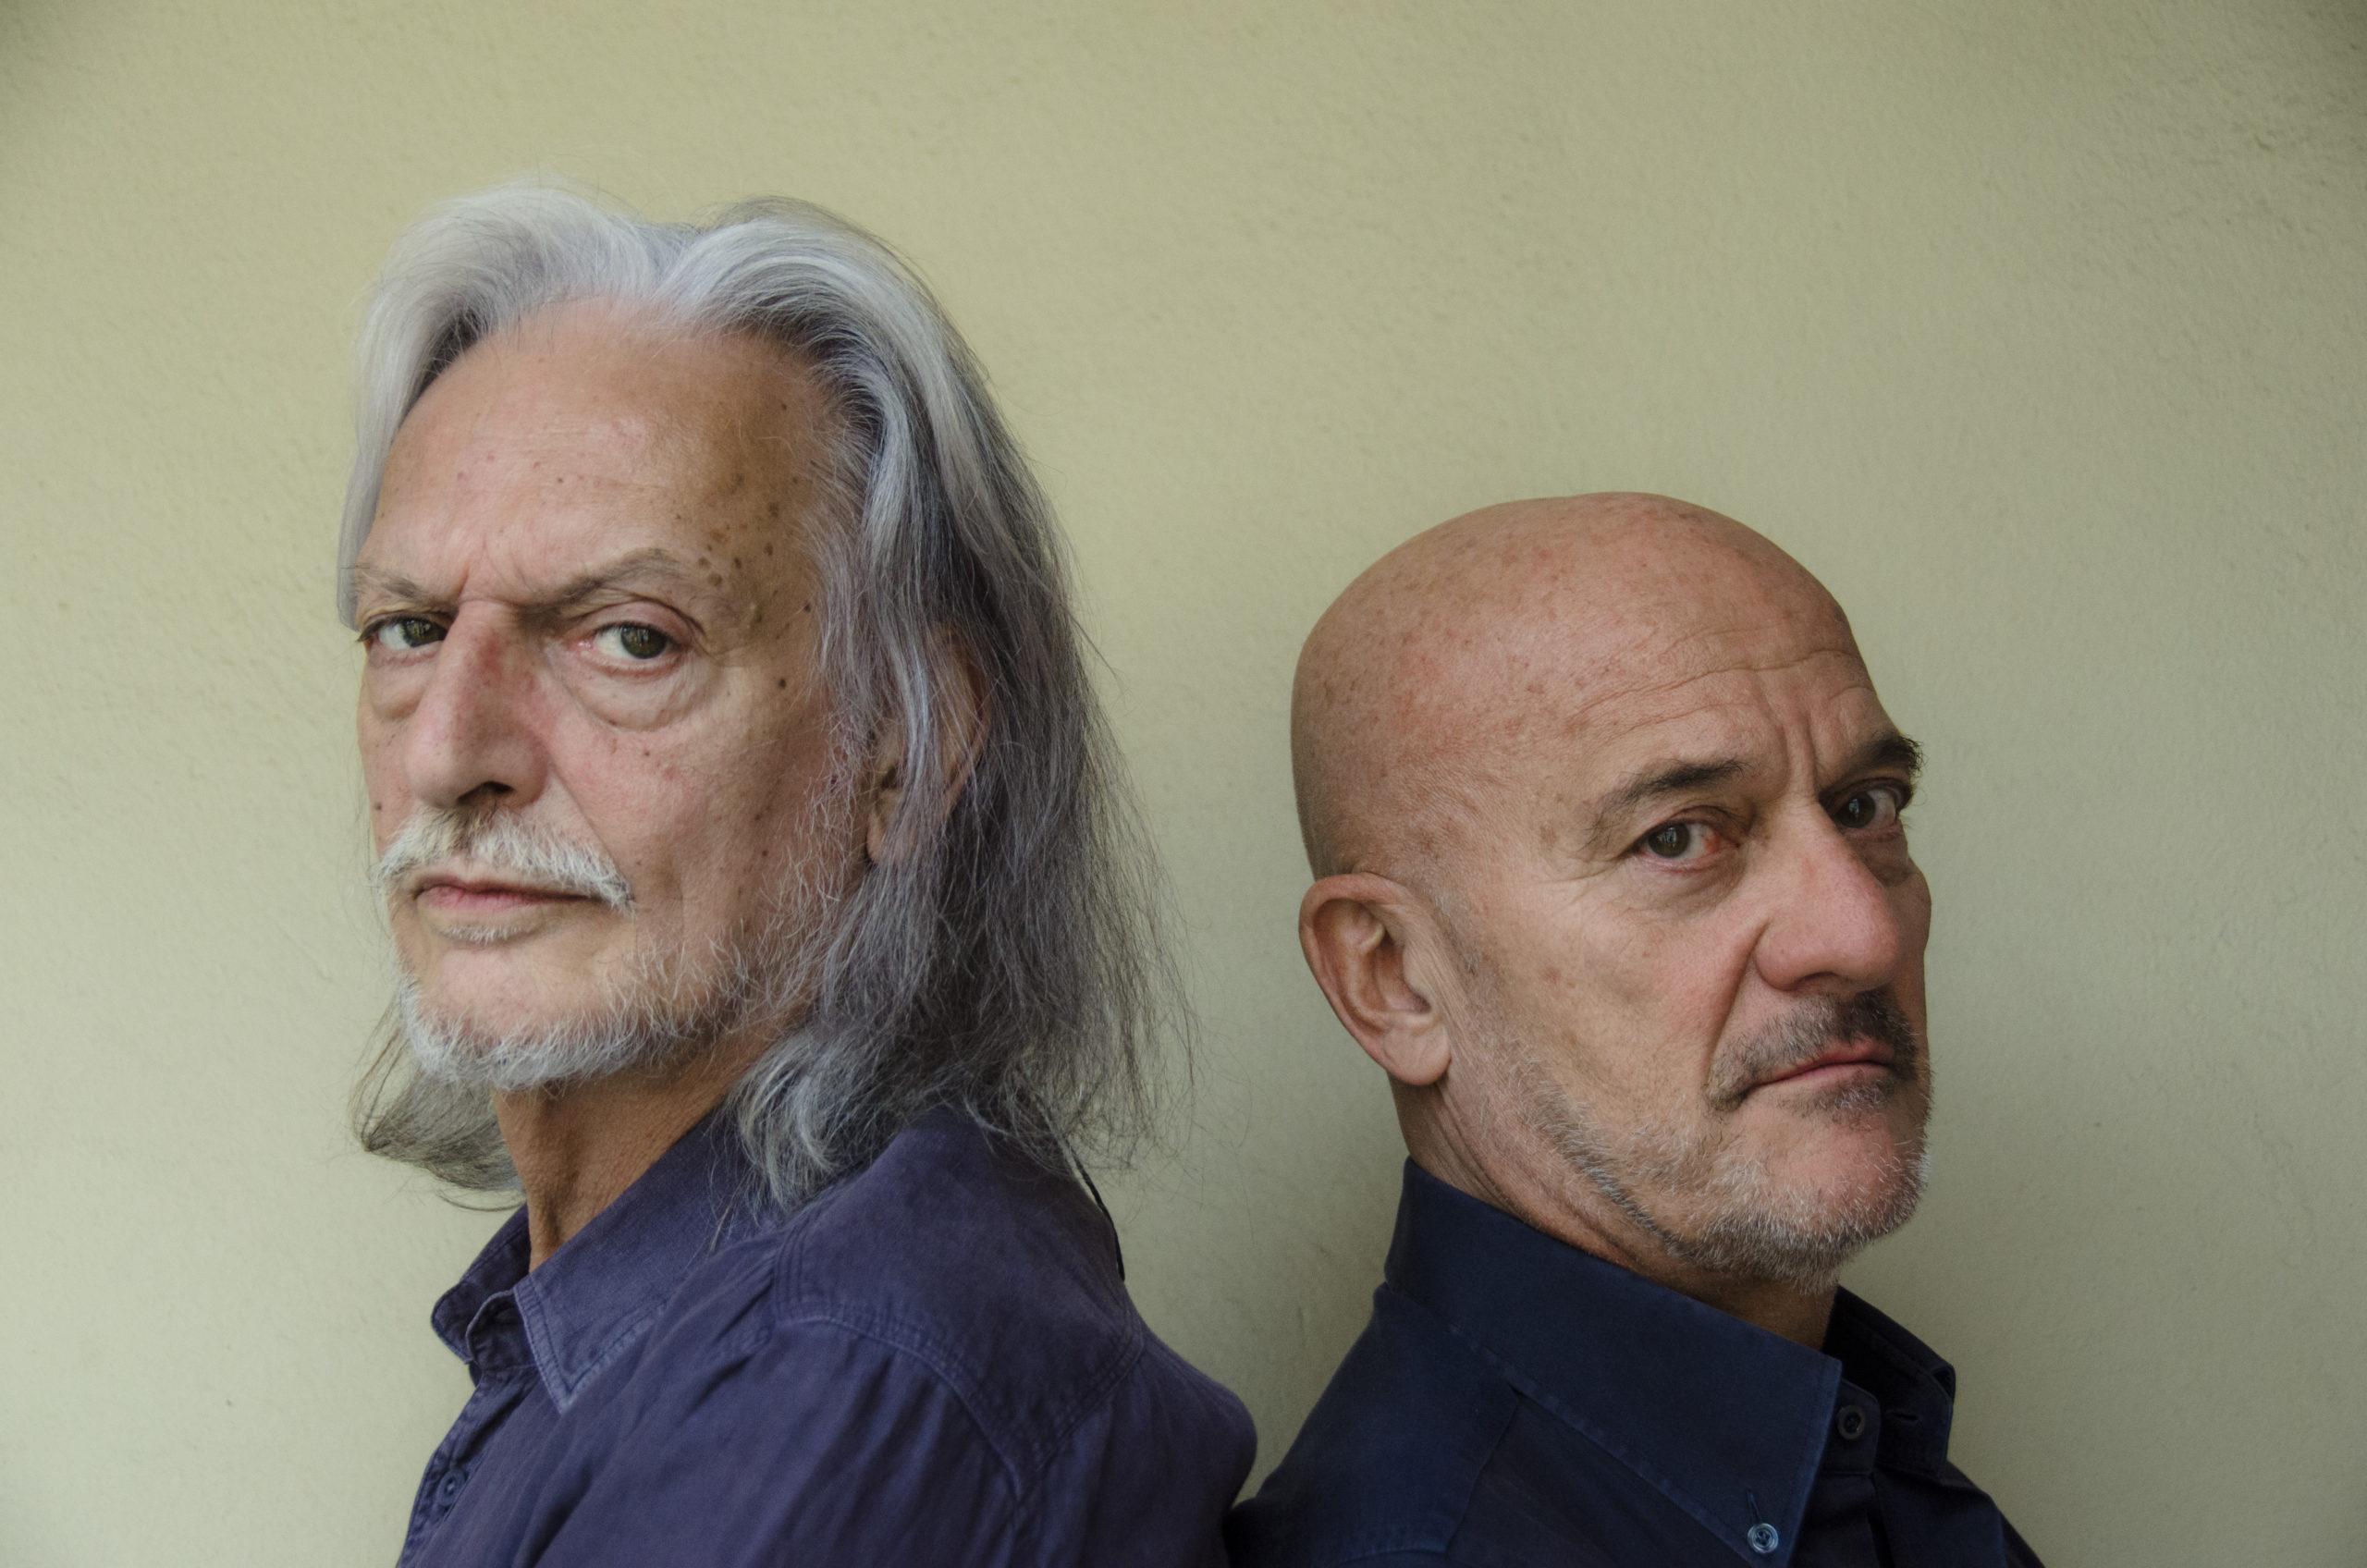 MA TU SEI FELICE? con Claudio Bisio e Gigio Alberti